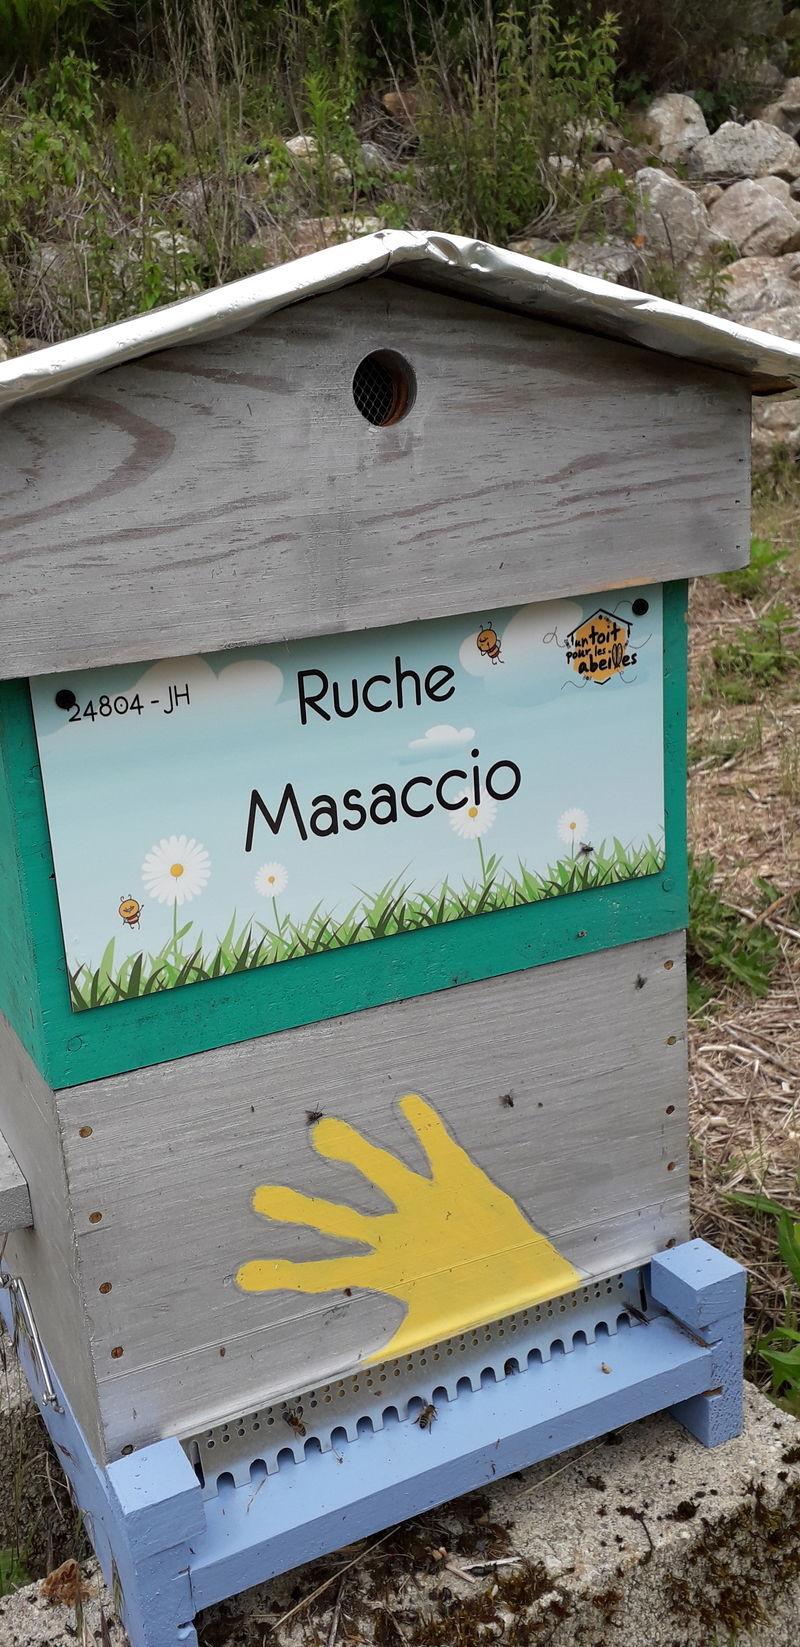 La ruche Masaccio